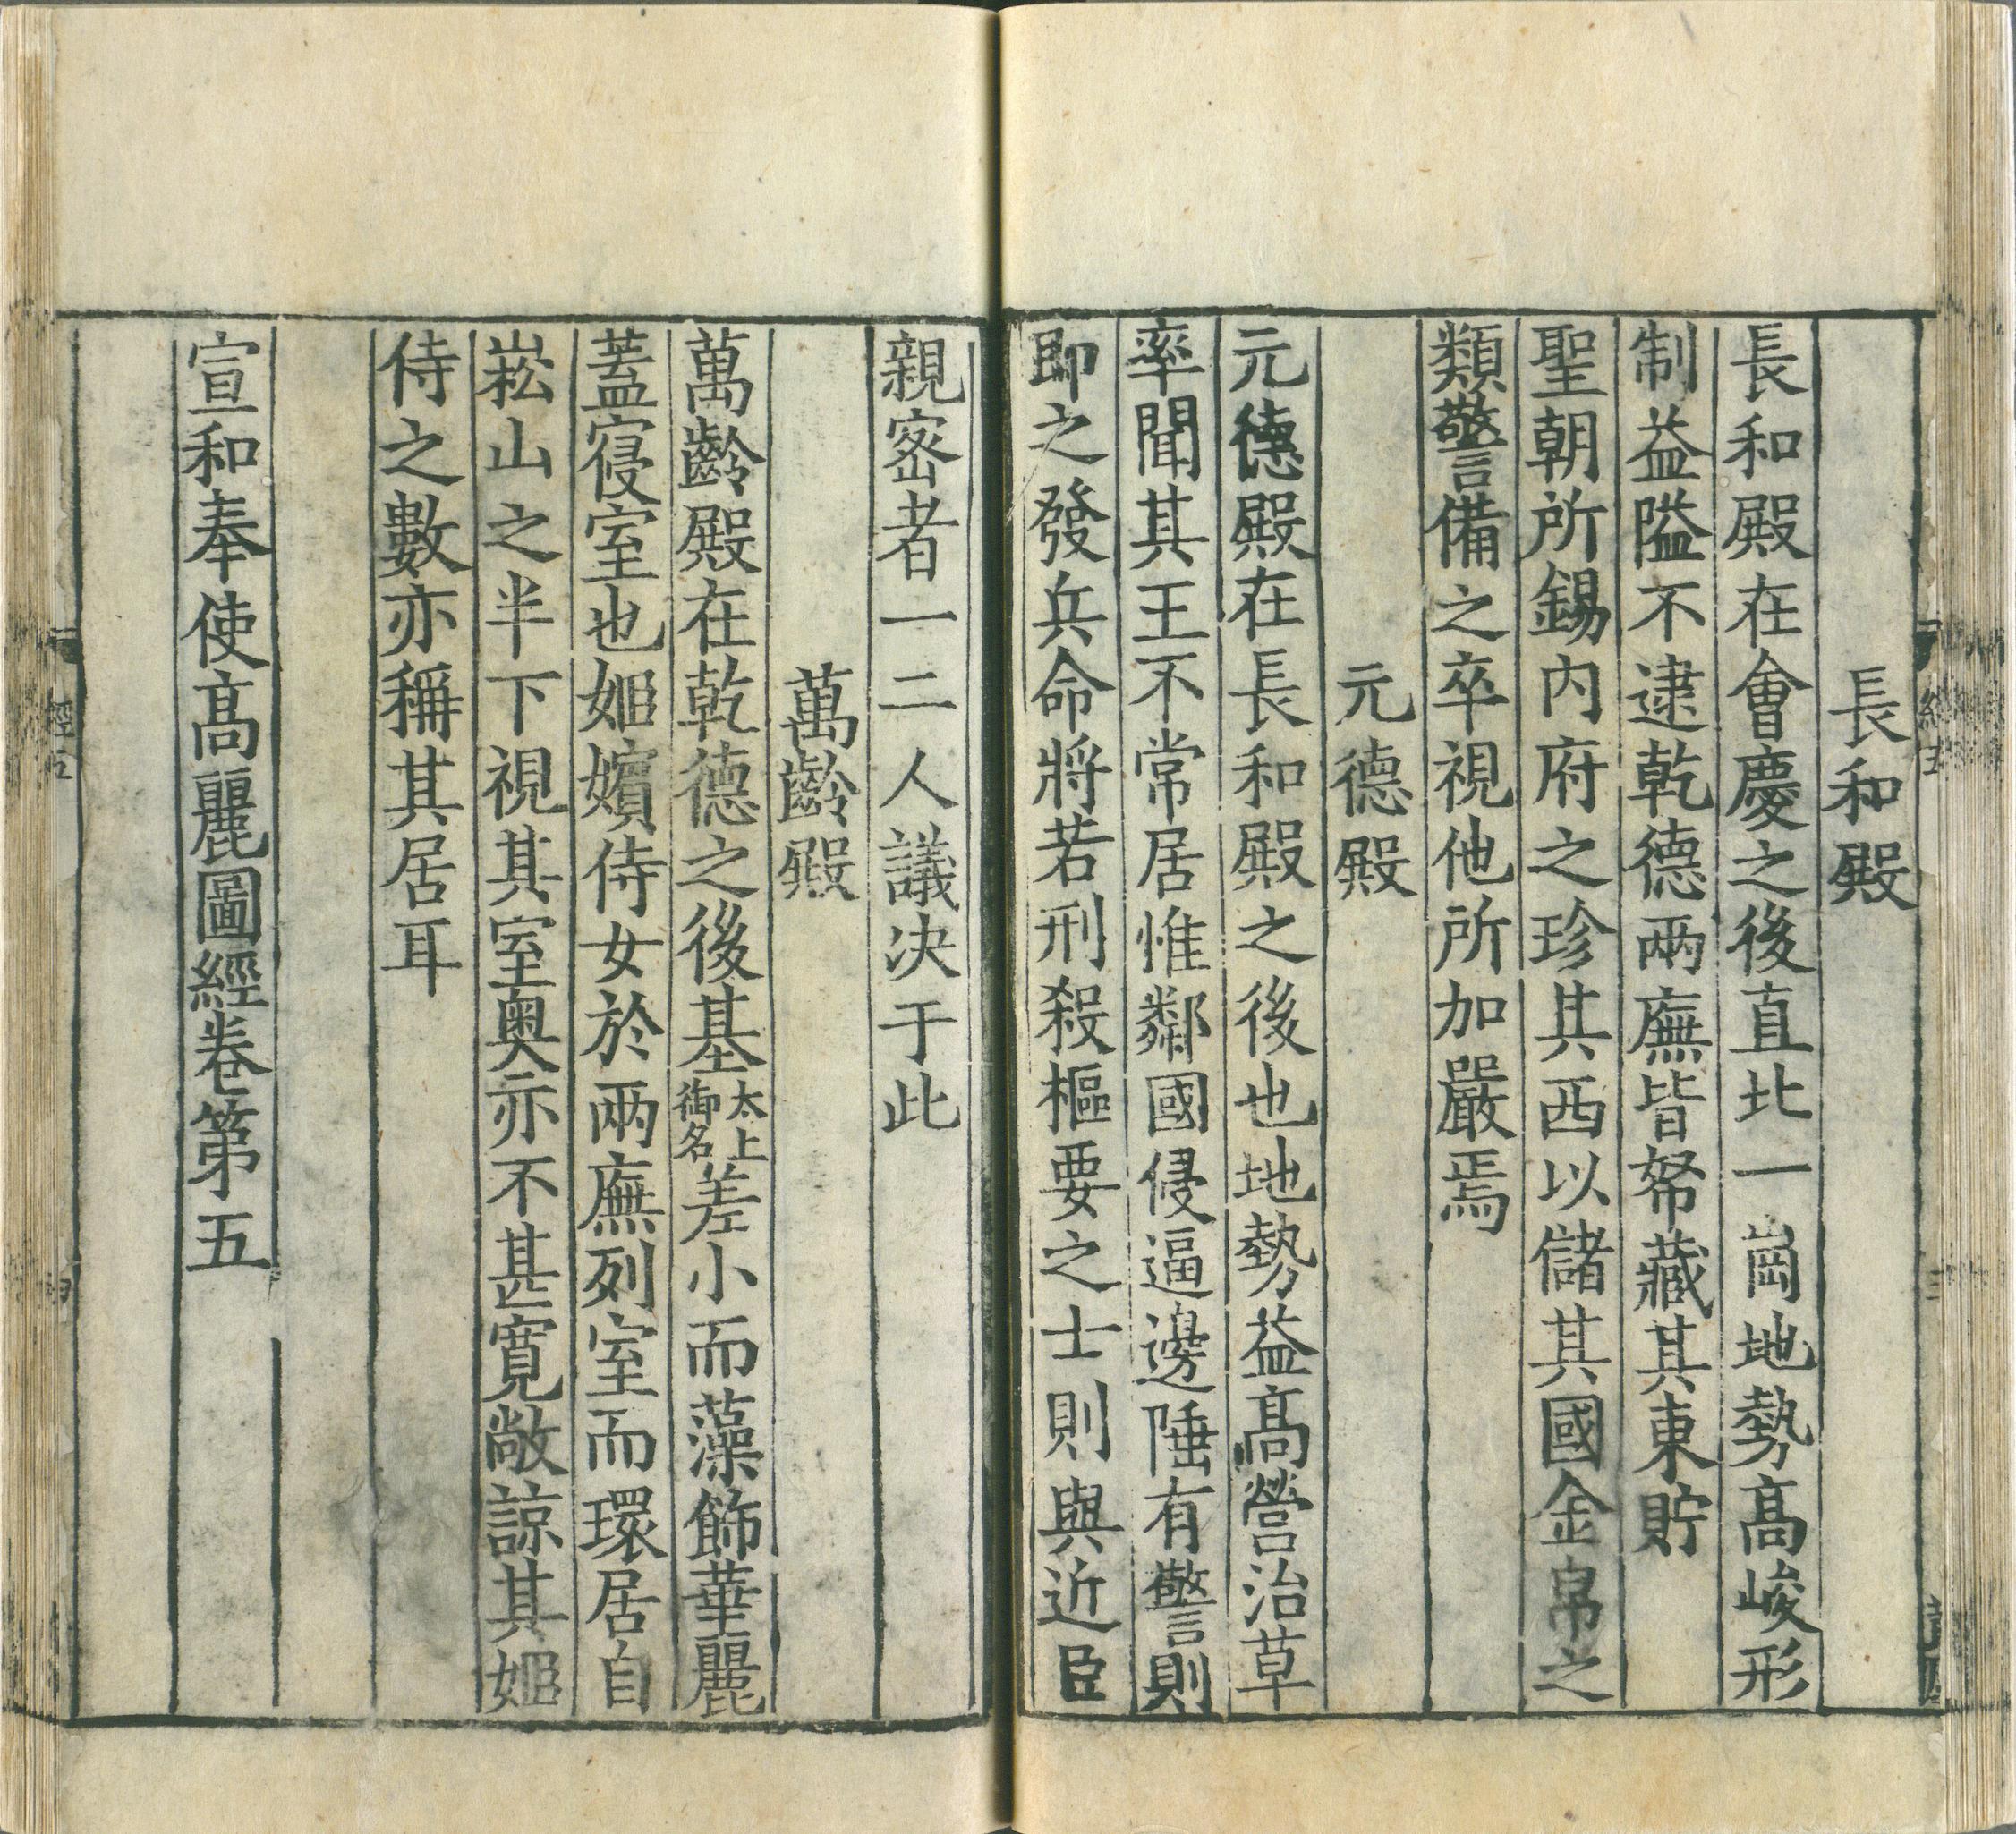 典藏精選宣和奉使高麗圖經                                         宣和奉使高麗圖經